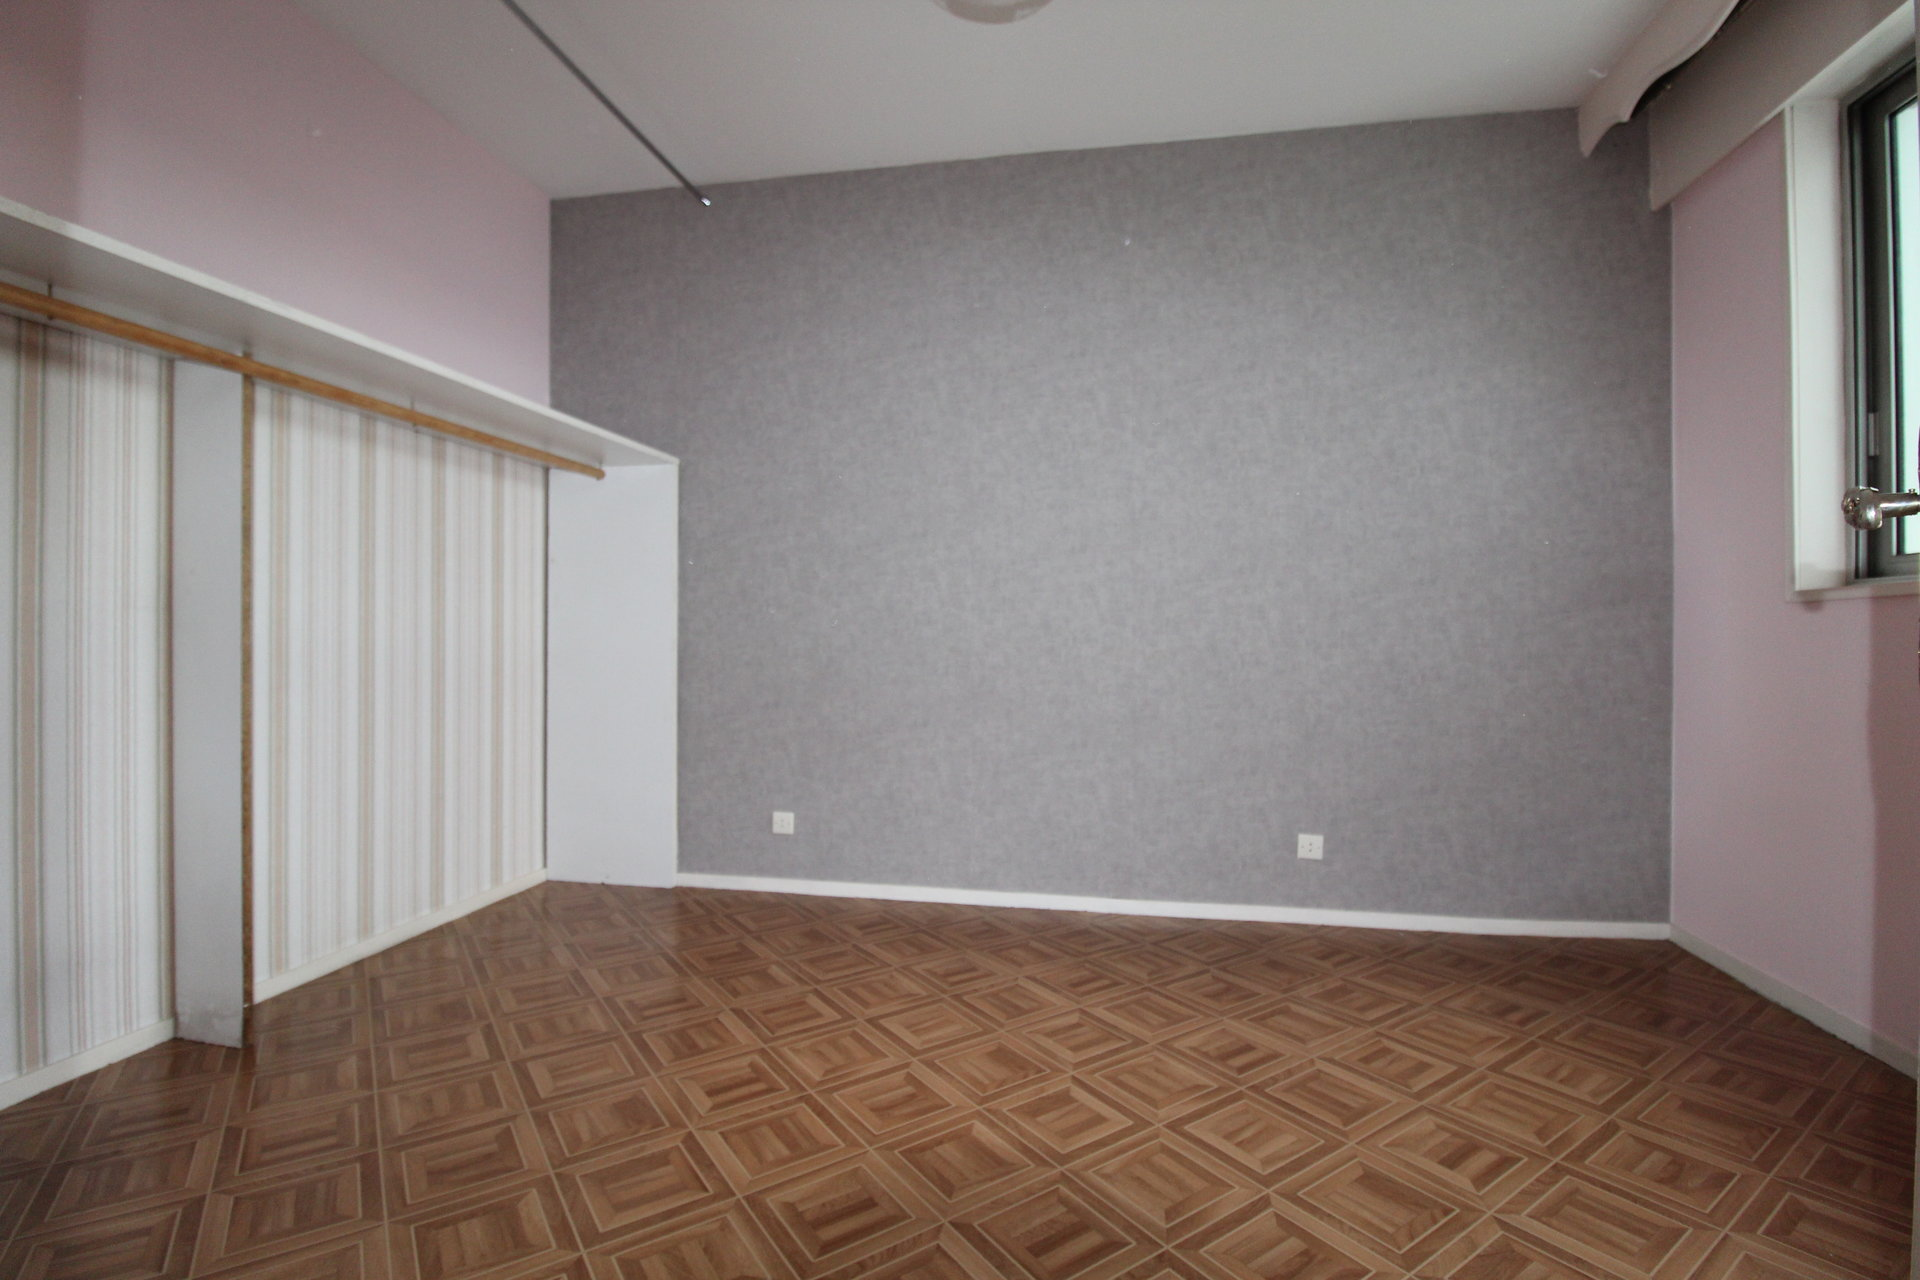 Appartement Saint-Etienne / Bergson 3 pièces 66.40m2 avec balcon et garage.